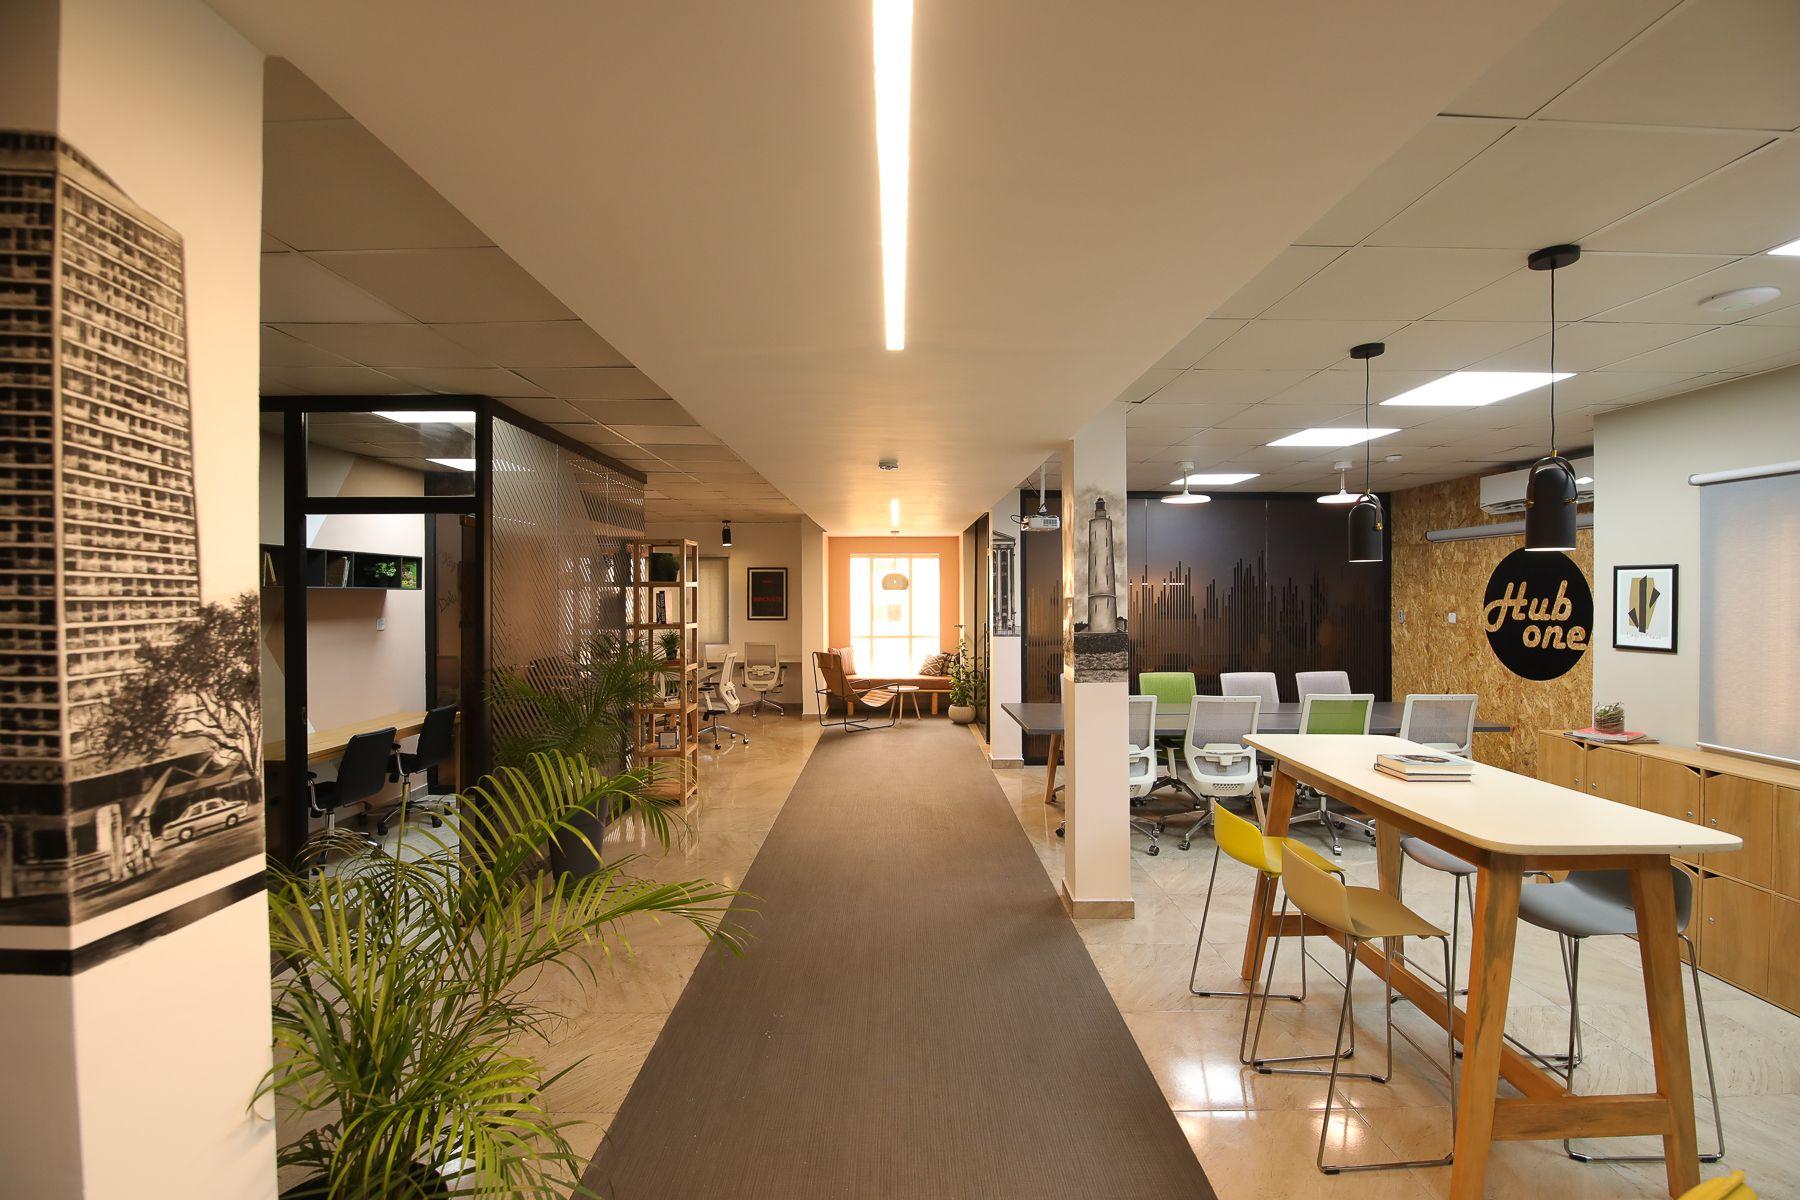 Hub One, Lagos